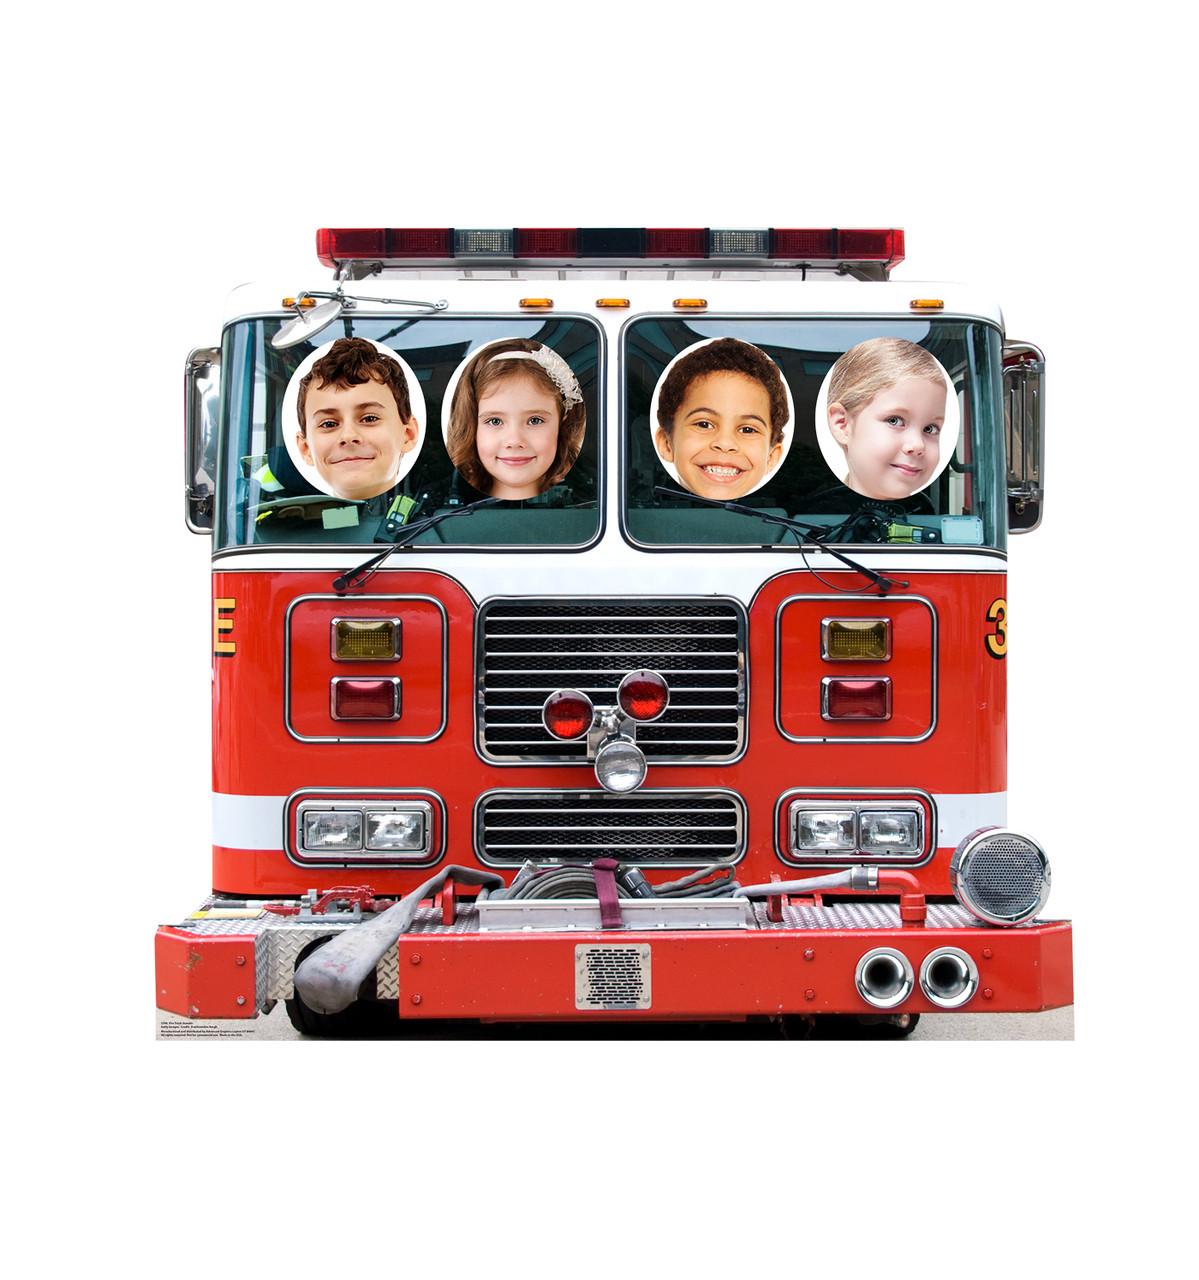 Life-size Fire Truck Standin Cardboard Standup 3